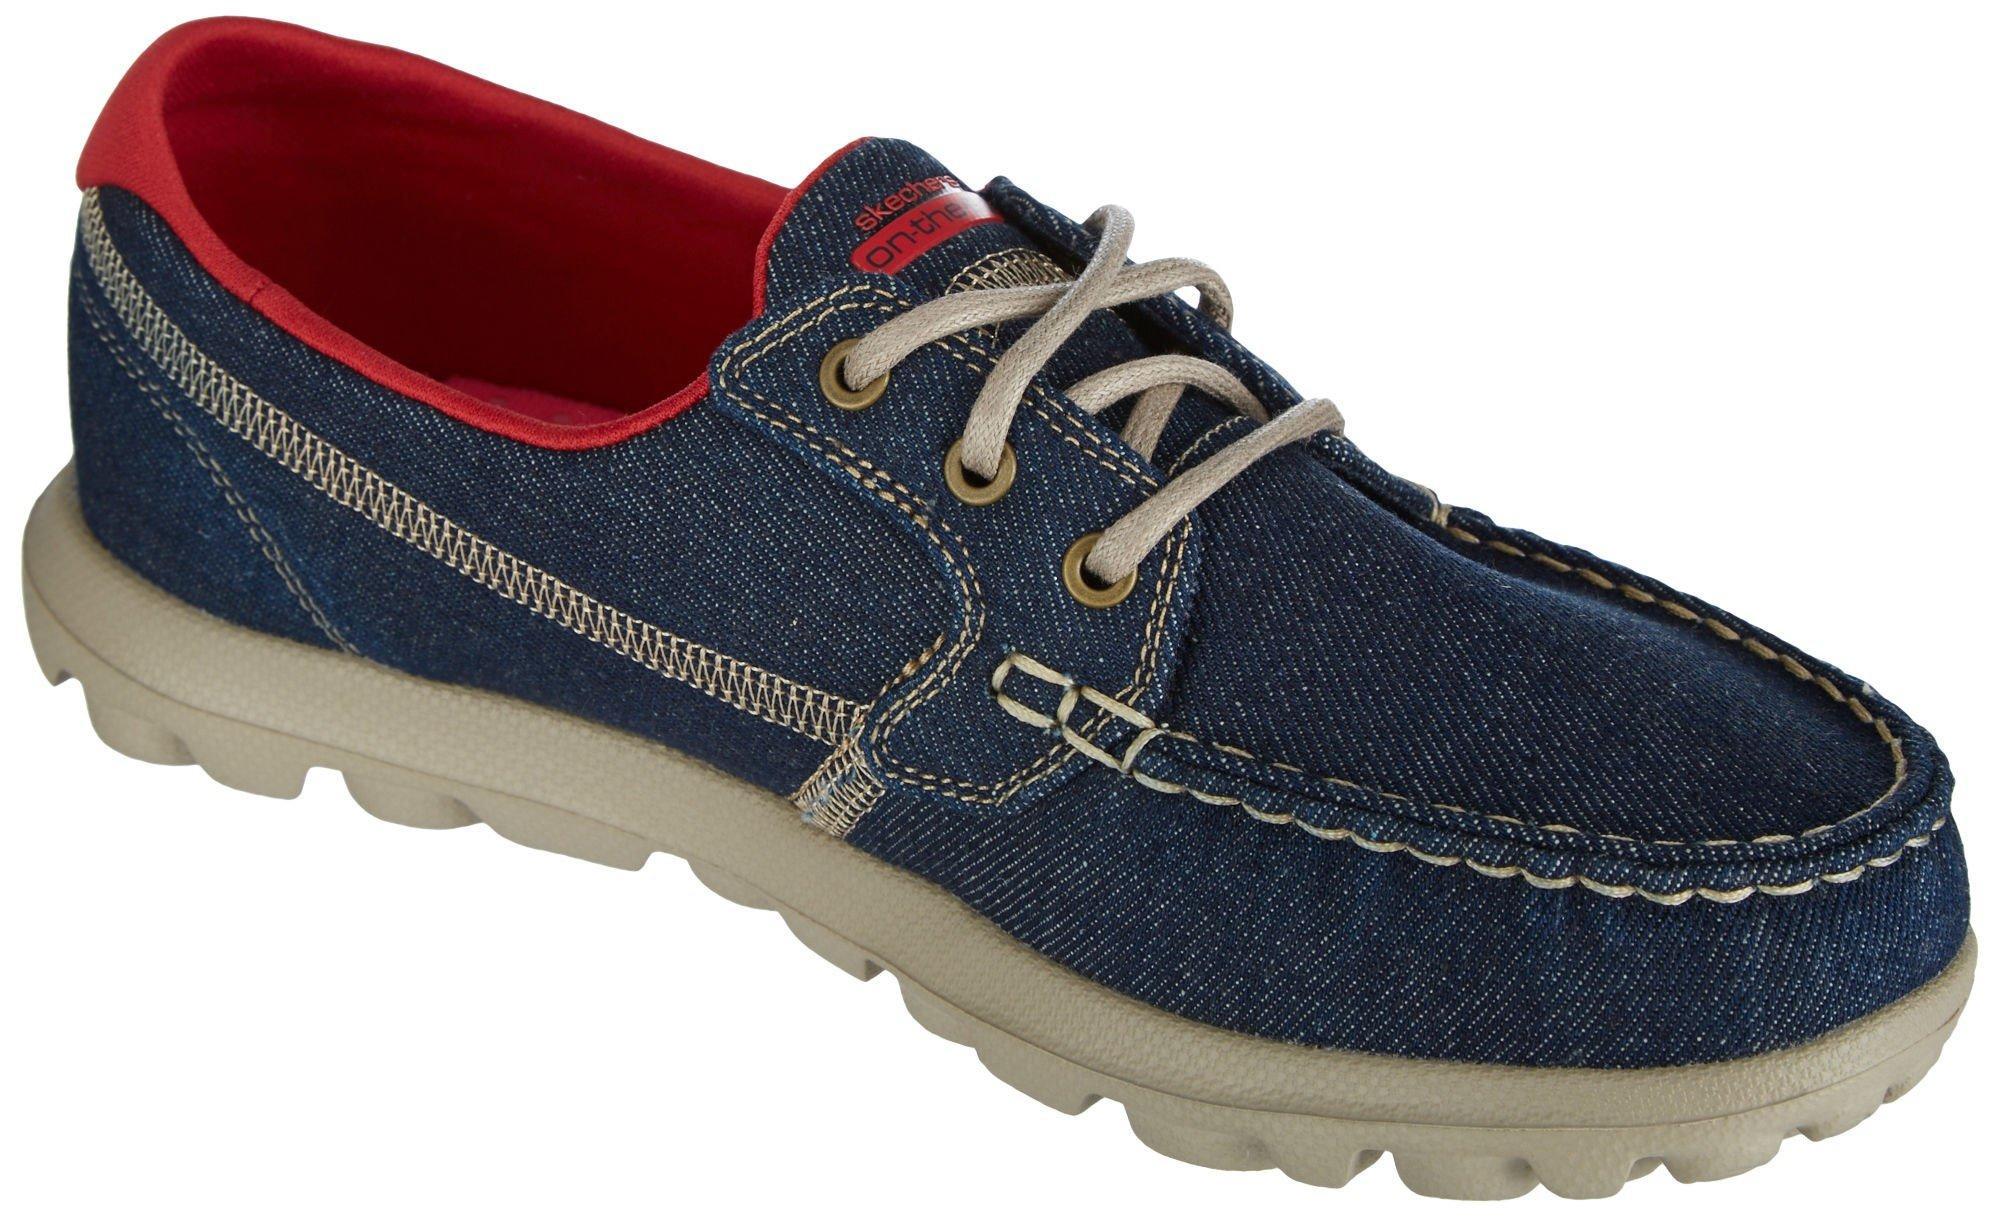 skechers boat shoes. 0:00 skechers boat shoes